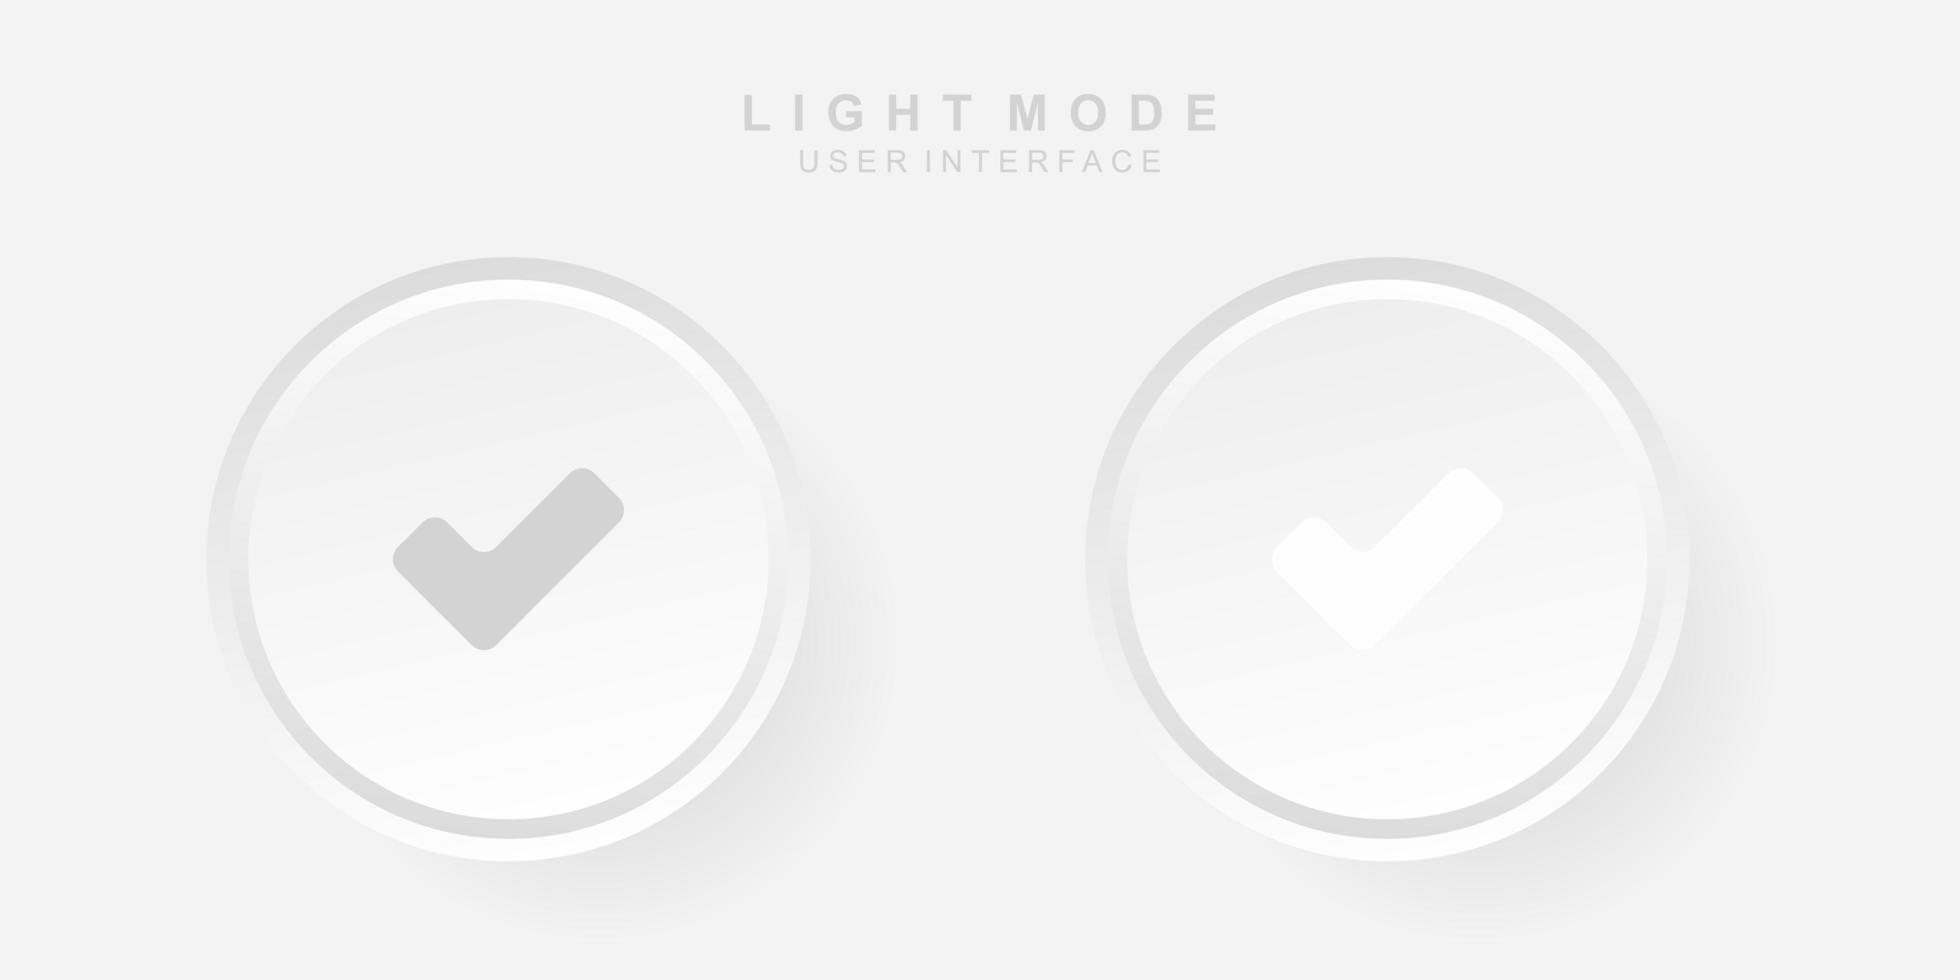 interface utilisateur simple et créative correcte dans la conception du neumorphisme. simple moderne et minimaliste. vecteur